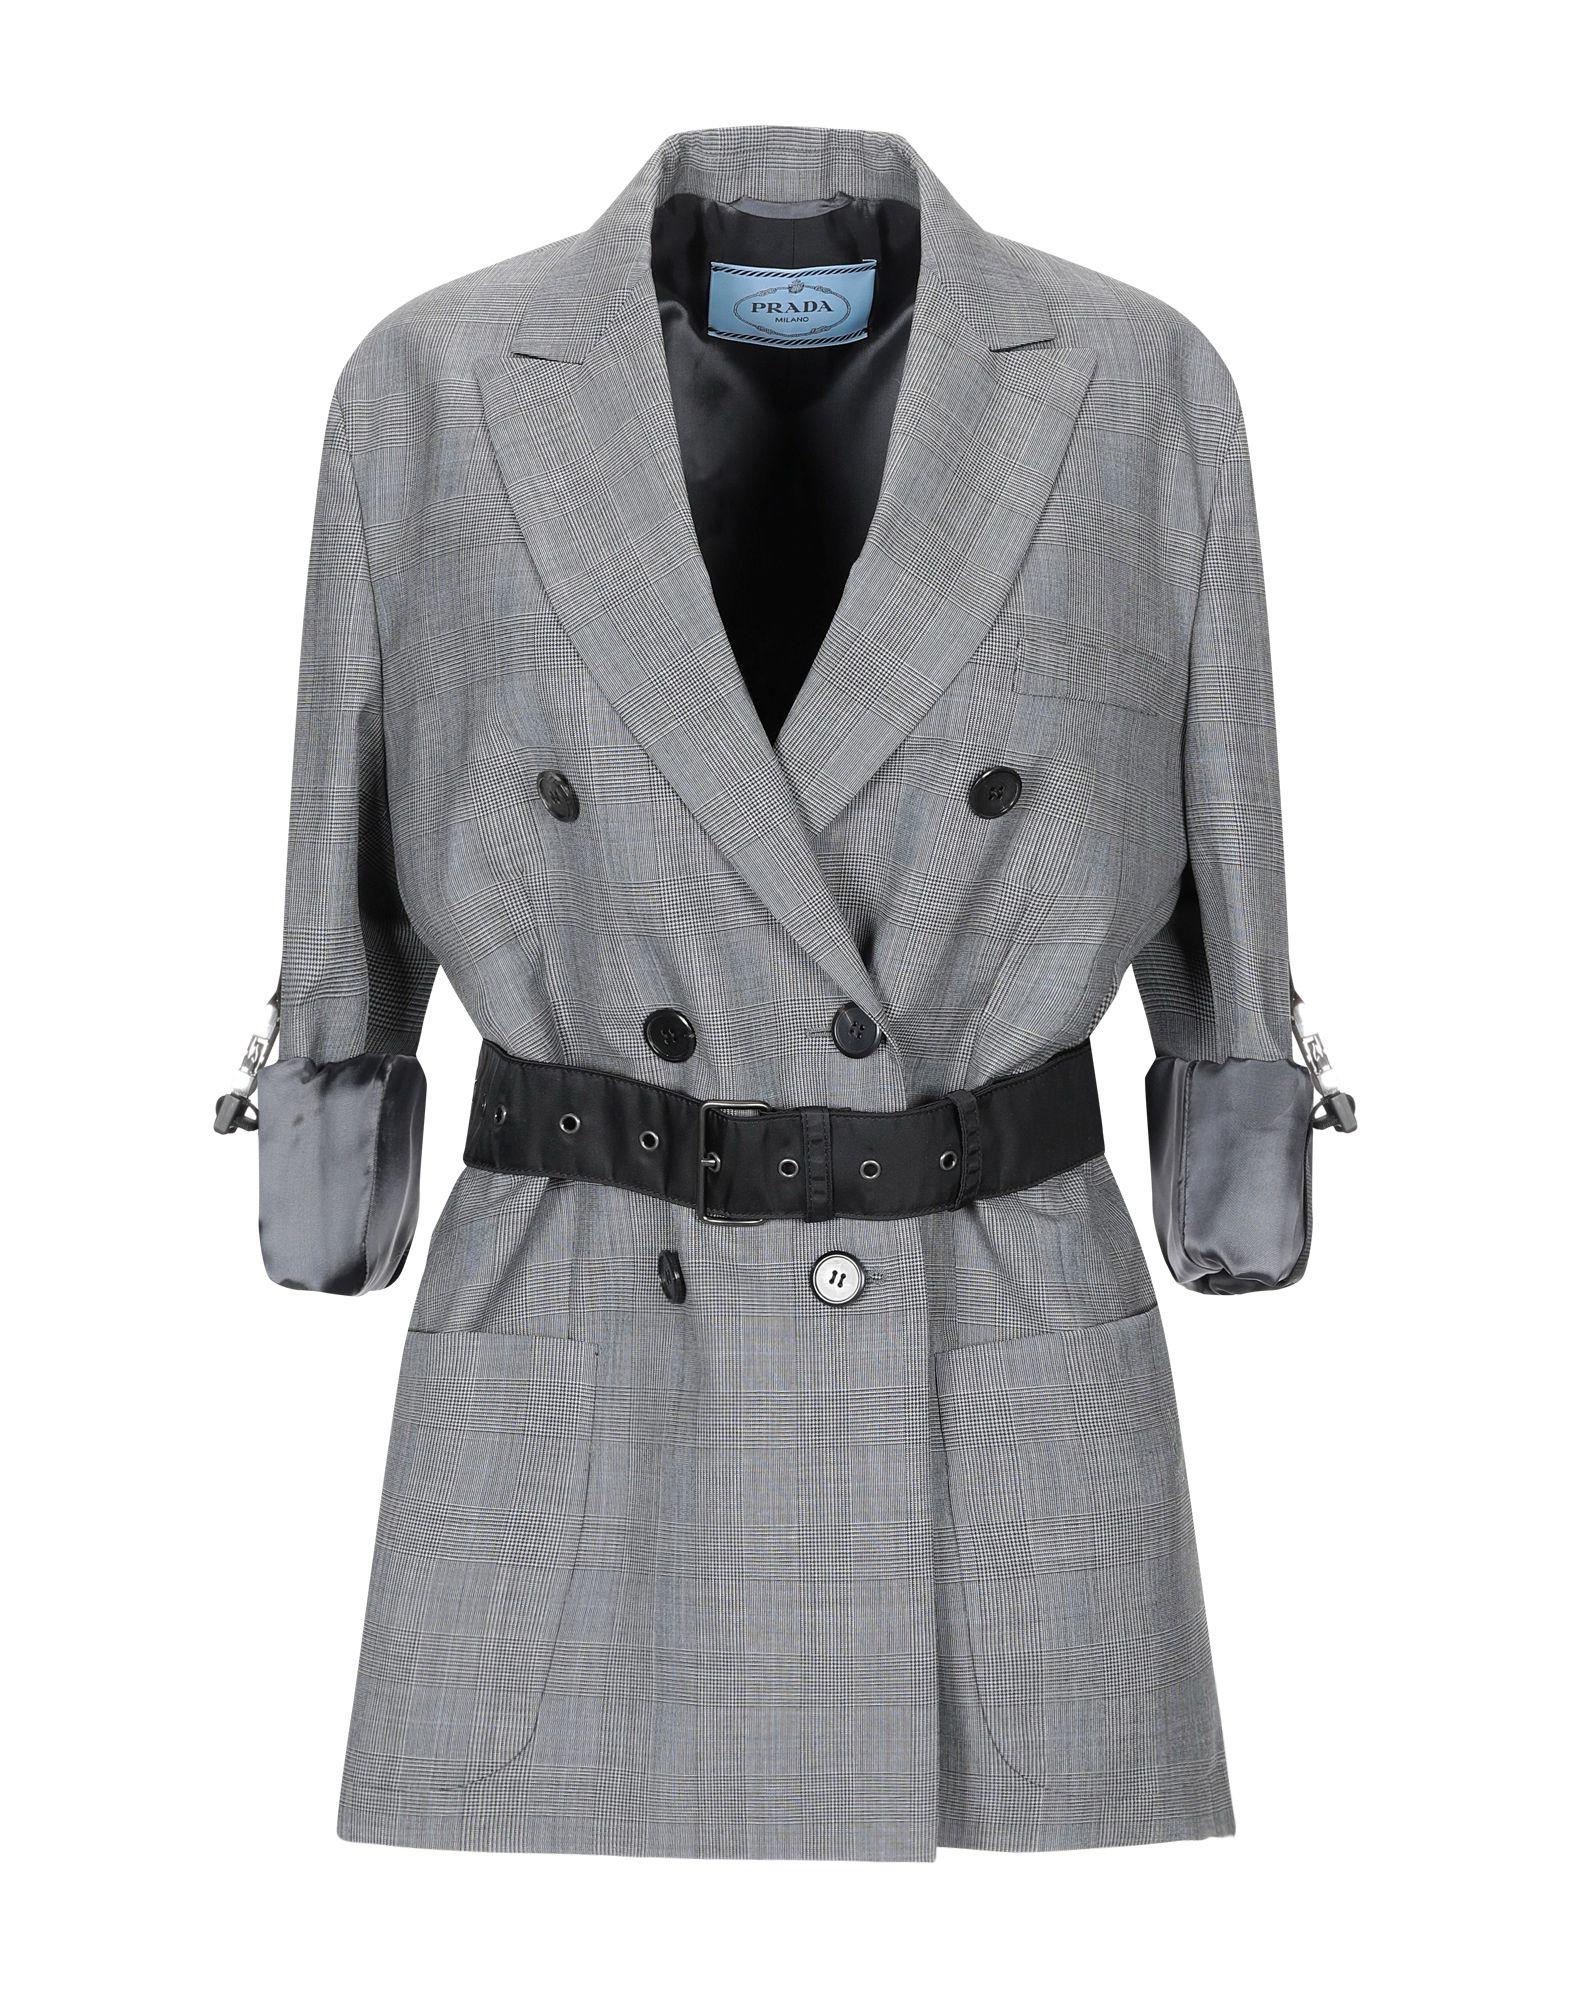 Cappotti e giubbotti donna  giacche 6f2822f0ed1